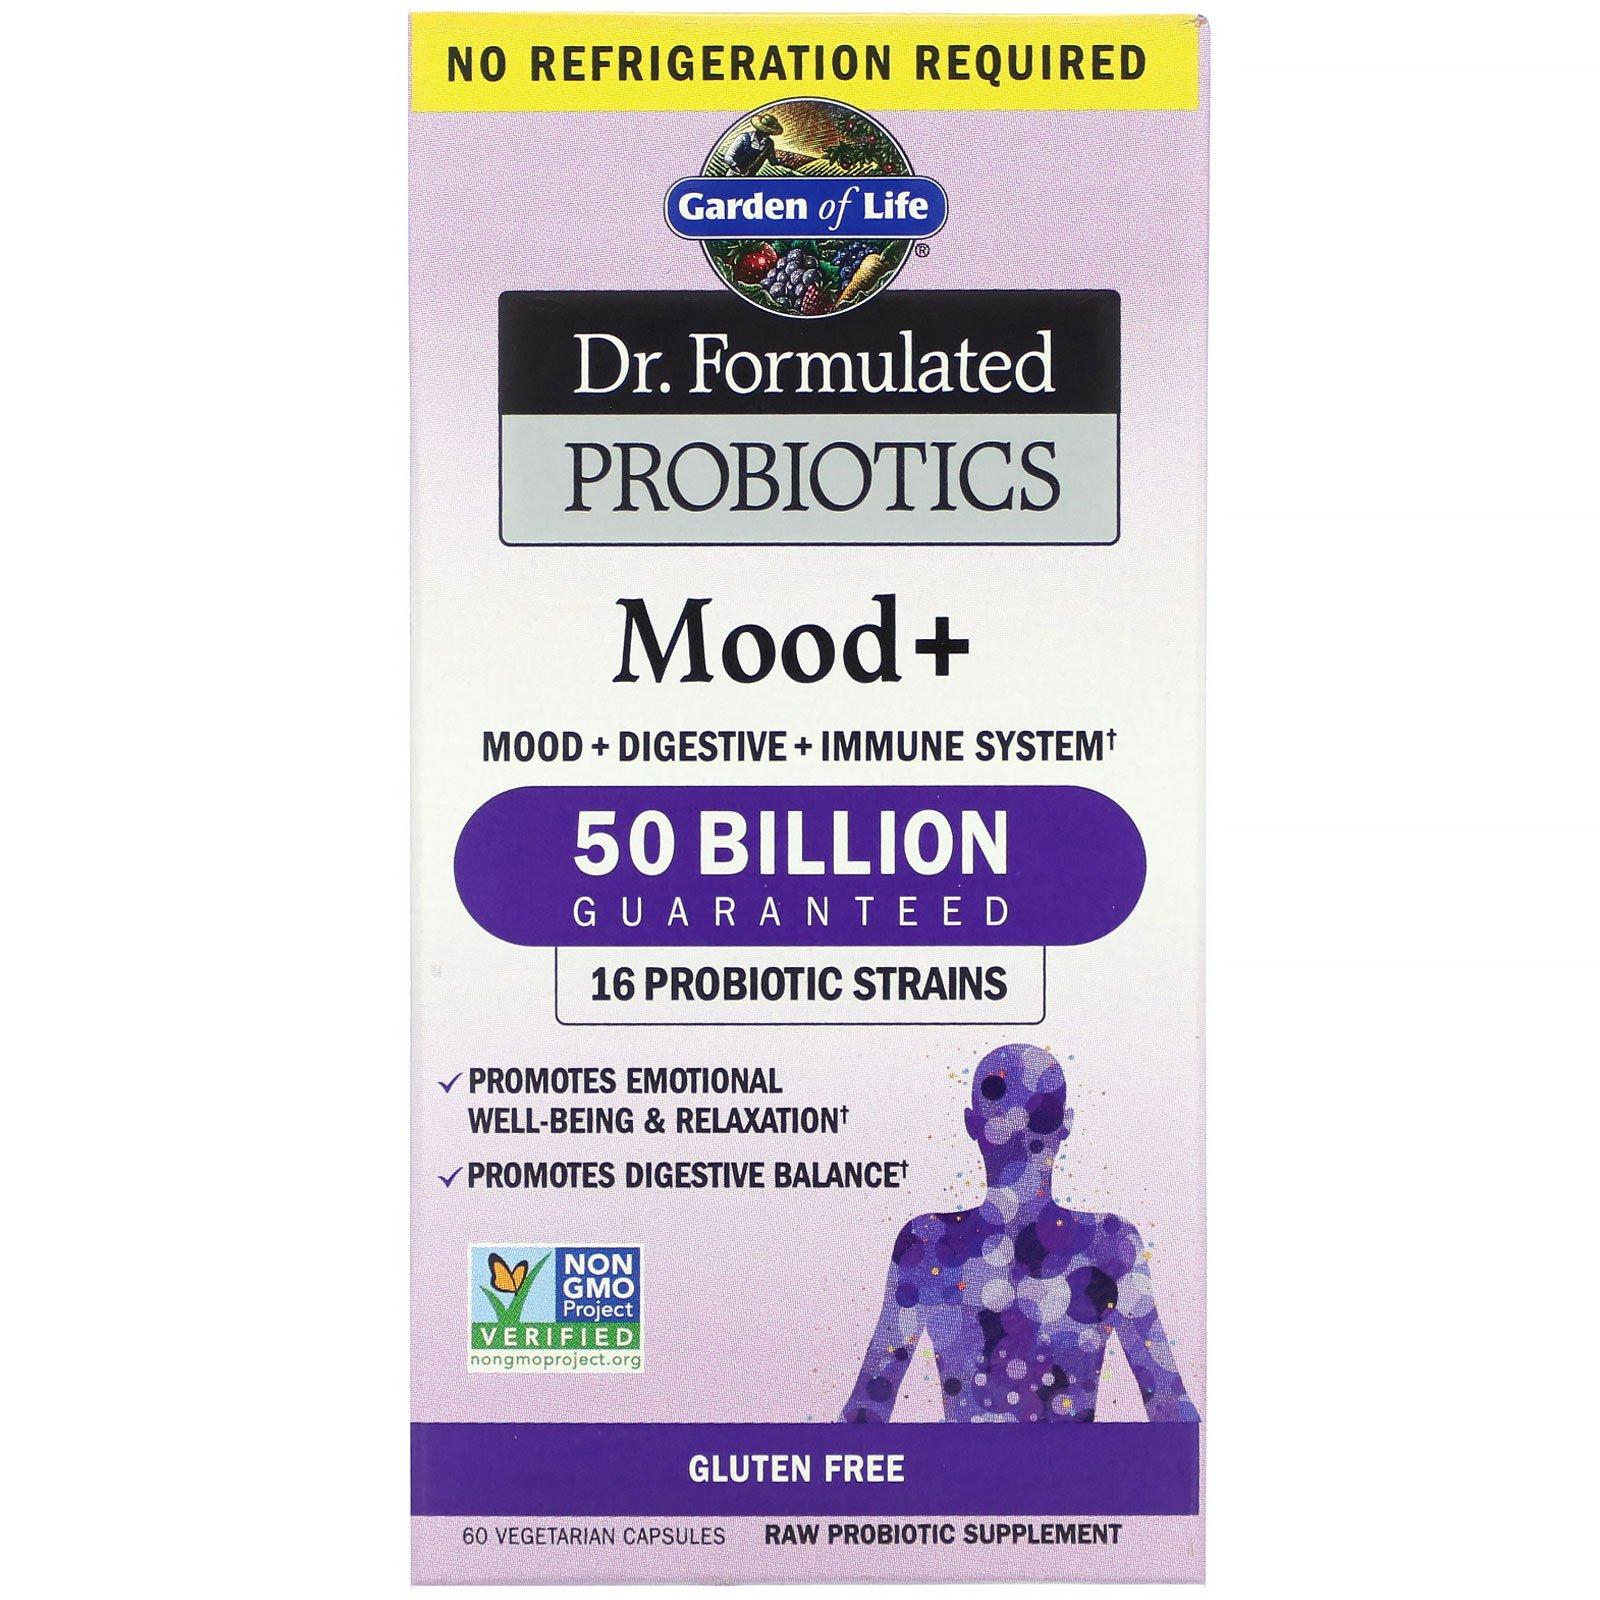 Garden of Life, Dr. Formulated Probiotics, пробиотики для улучшения настроения, 60 вегетарианских капсул